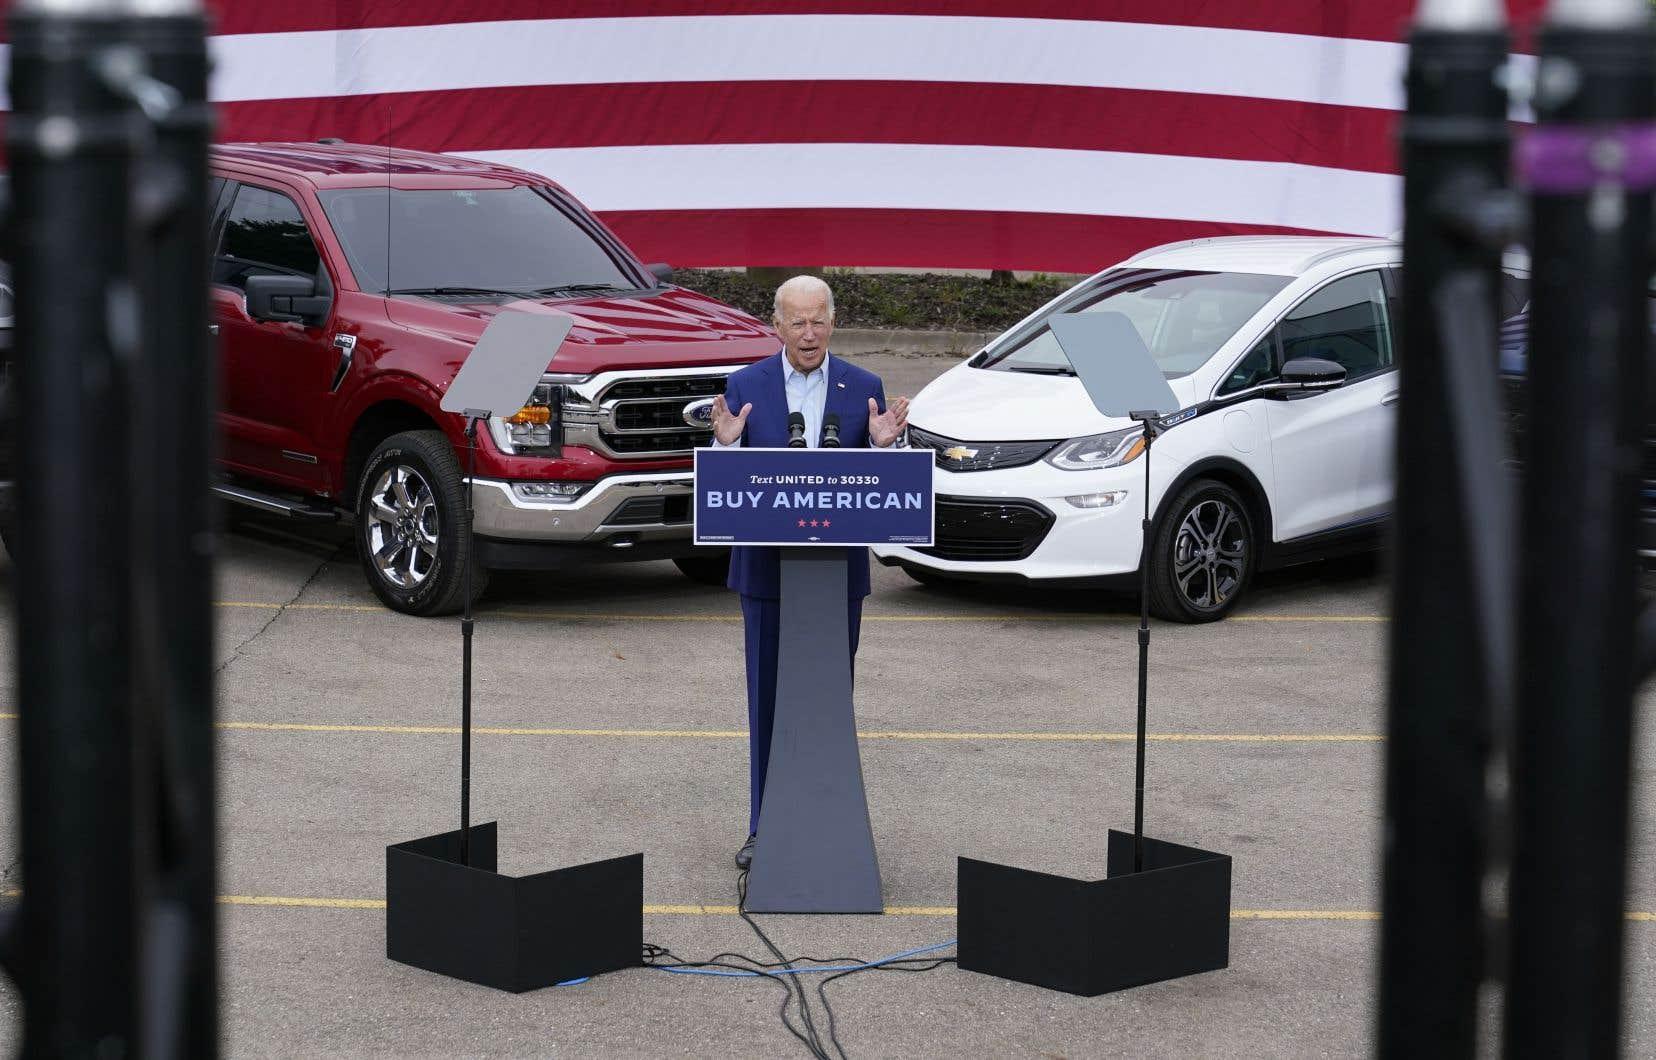 """«Biden va s'engager à adopter une politique """"Buy American"""" — et ce sera une véritable promesse, pas seulement de belles paroles», stipule la plateforme électorale du président désigné, qui accuse Donald Trump de ne pas en avoir fait assez."""